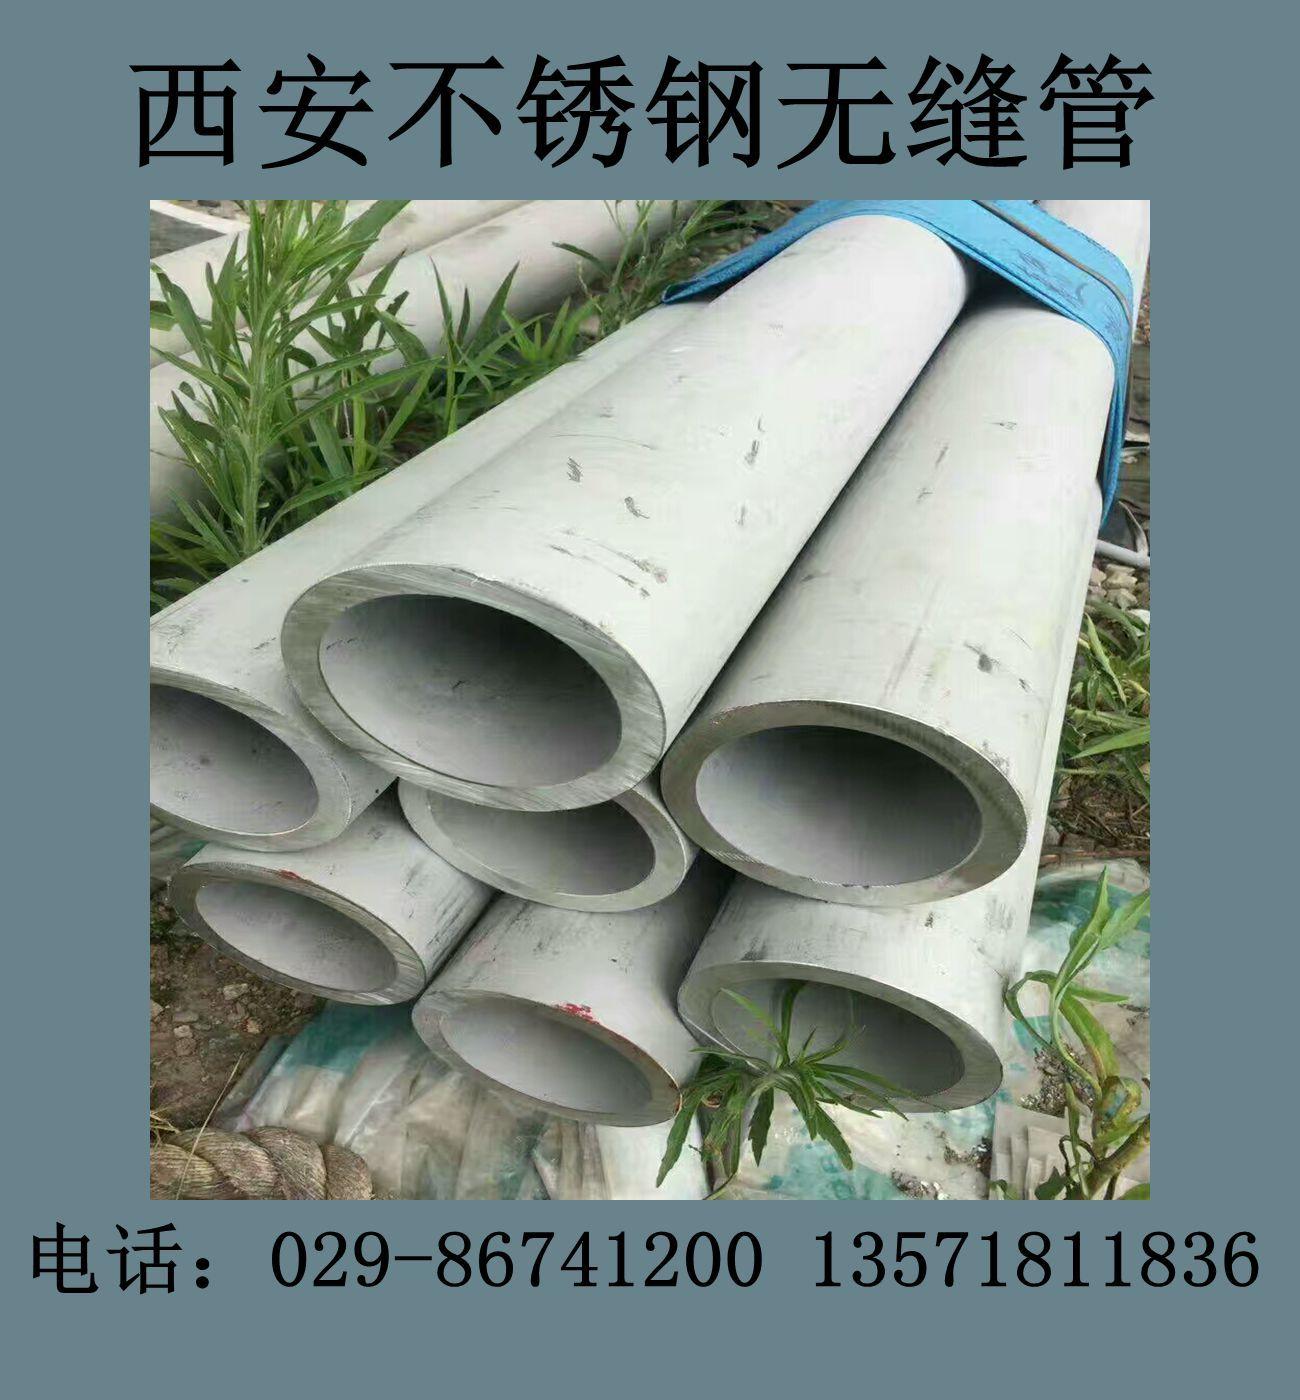 韓城304不銹鋼管韓城316L不銹鋼管韓城310s不銹鋼管廠家直銷